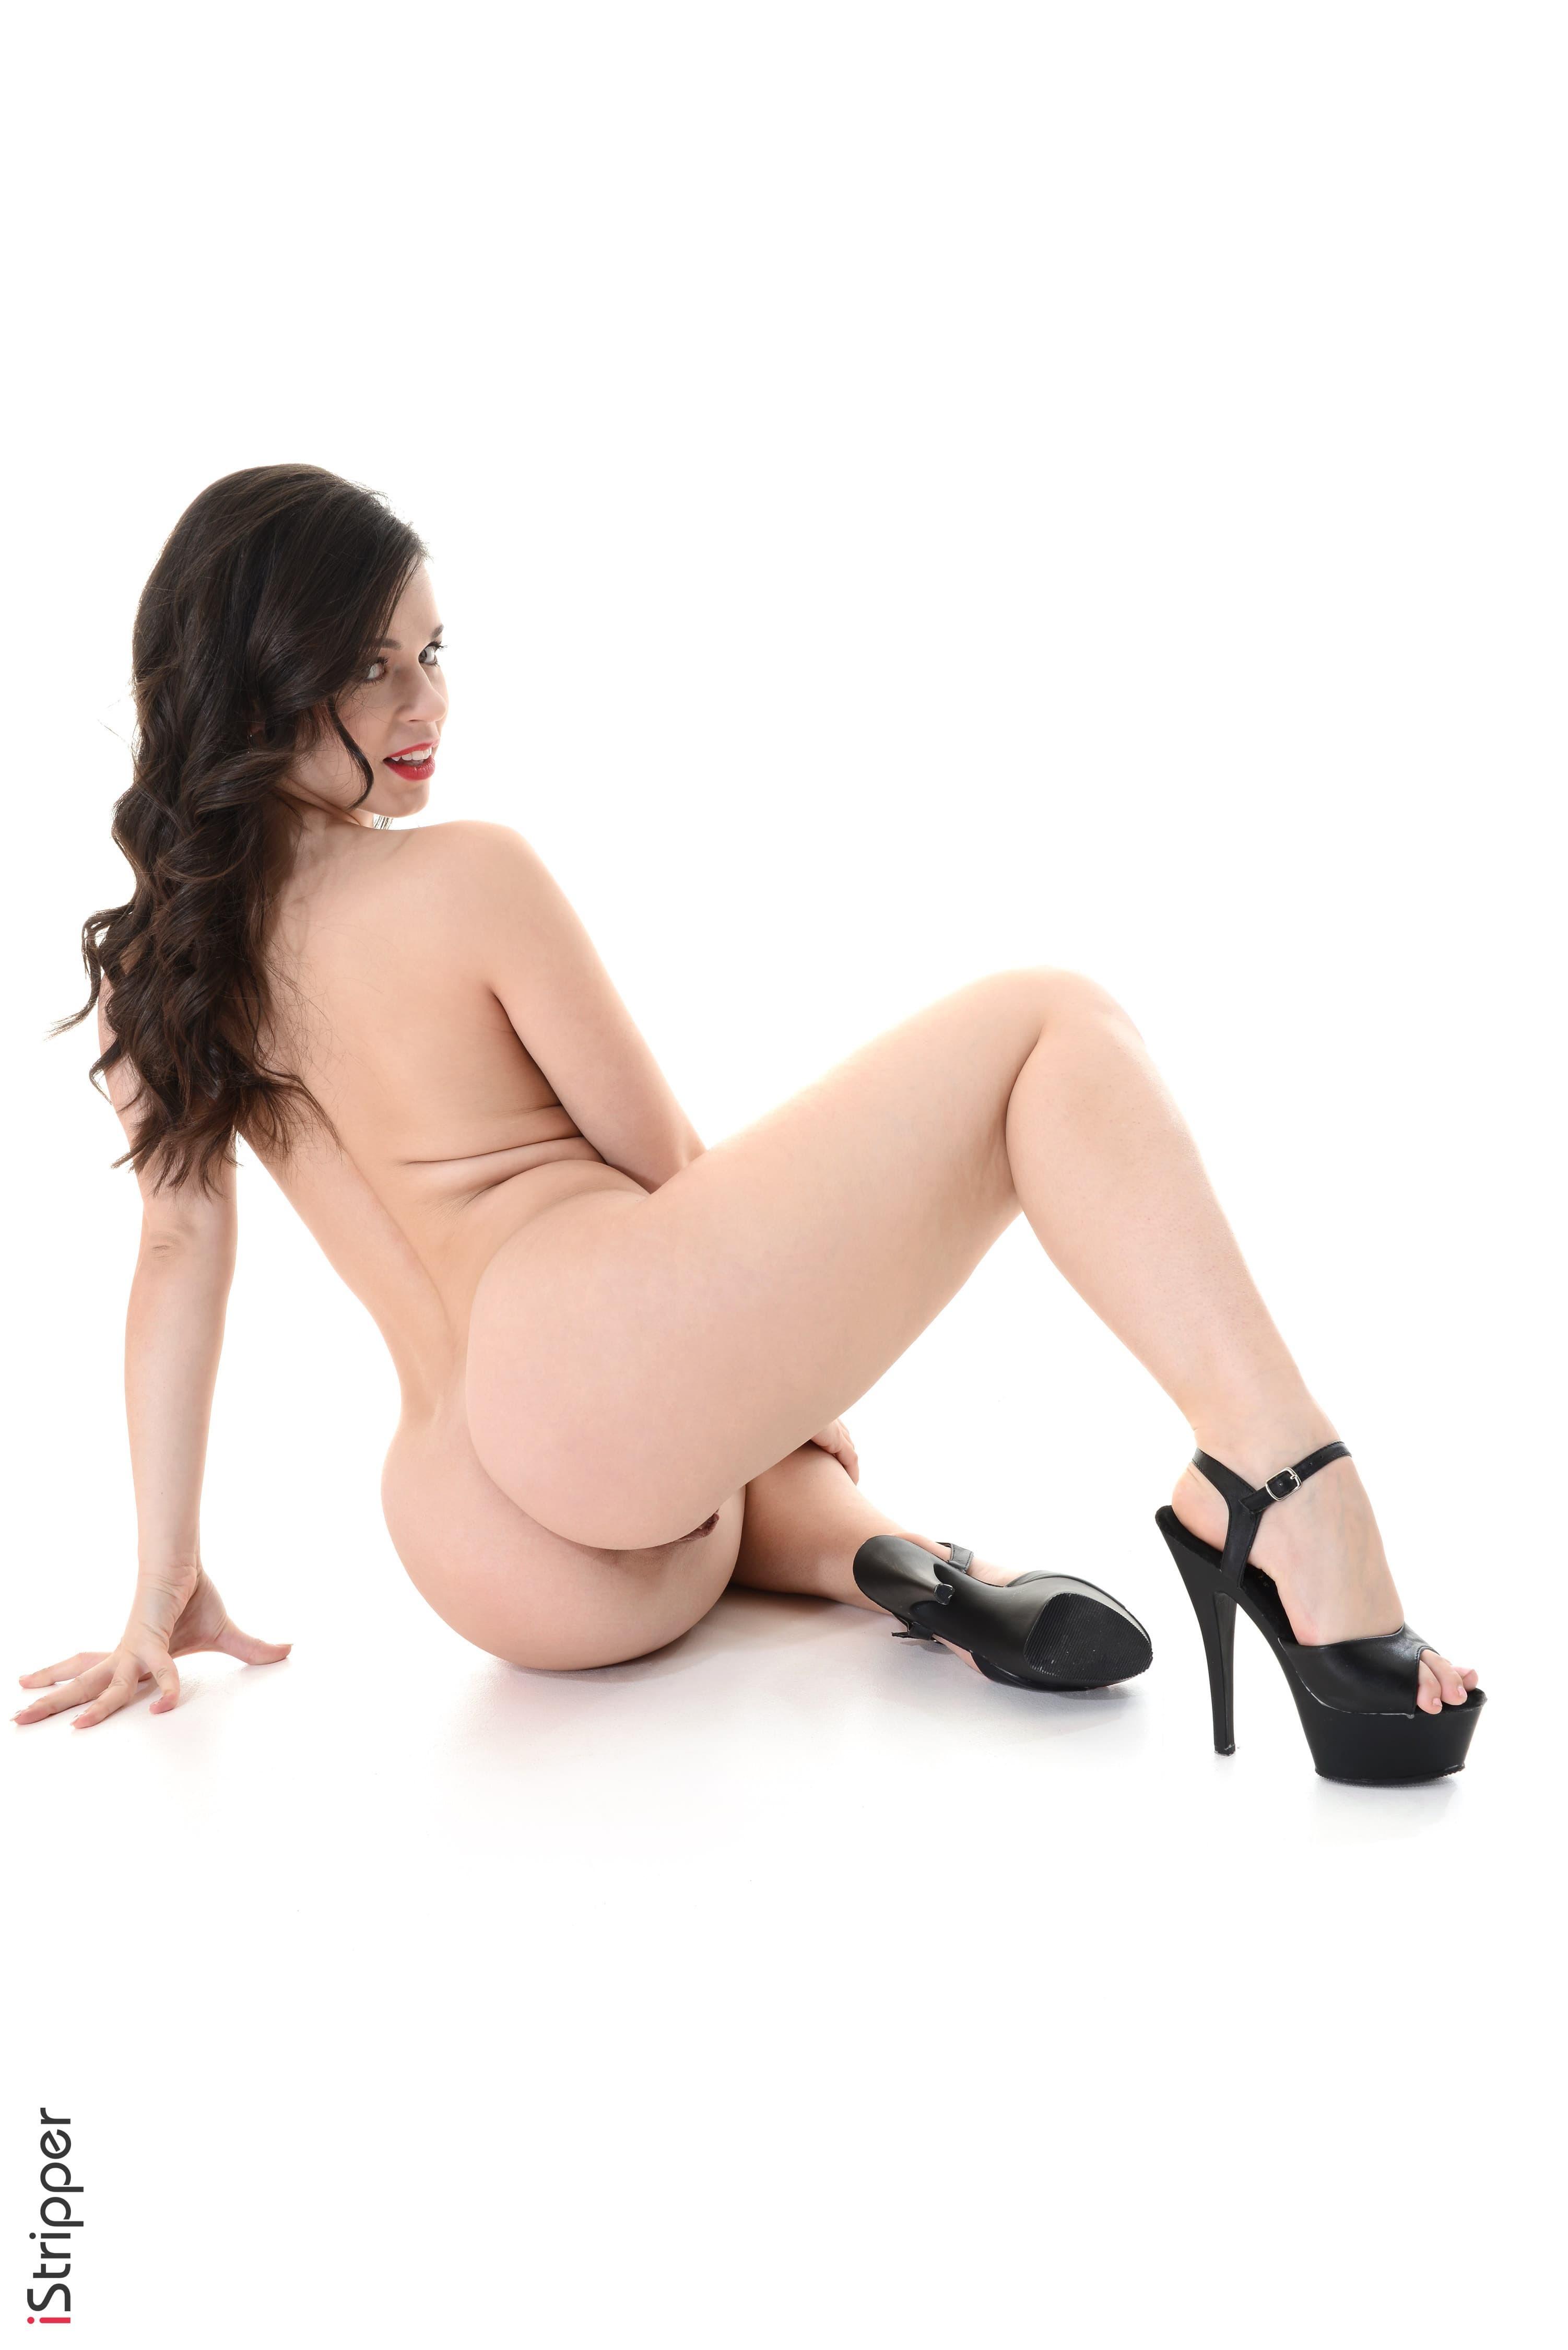 Грудастая модель в трусиках позирует на каблуках - фото